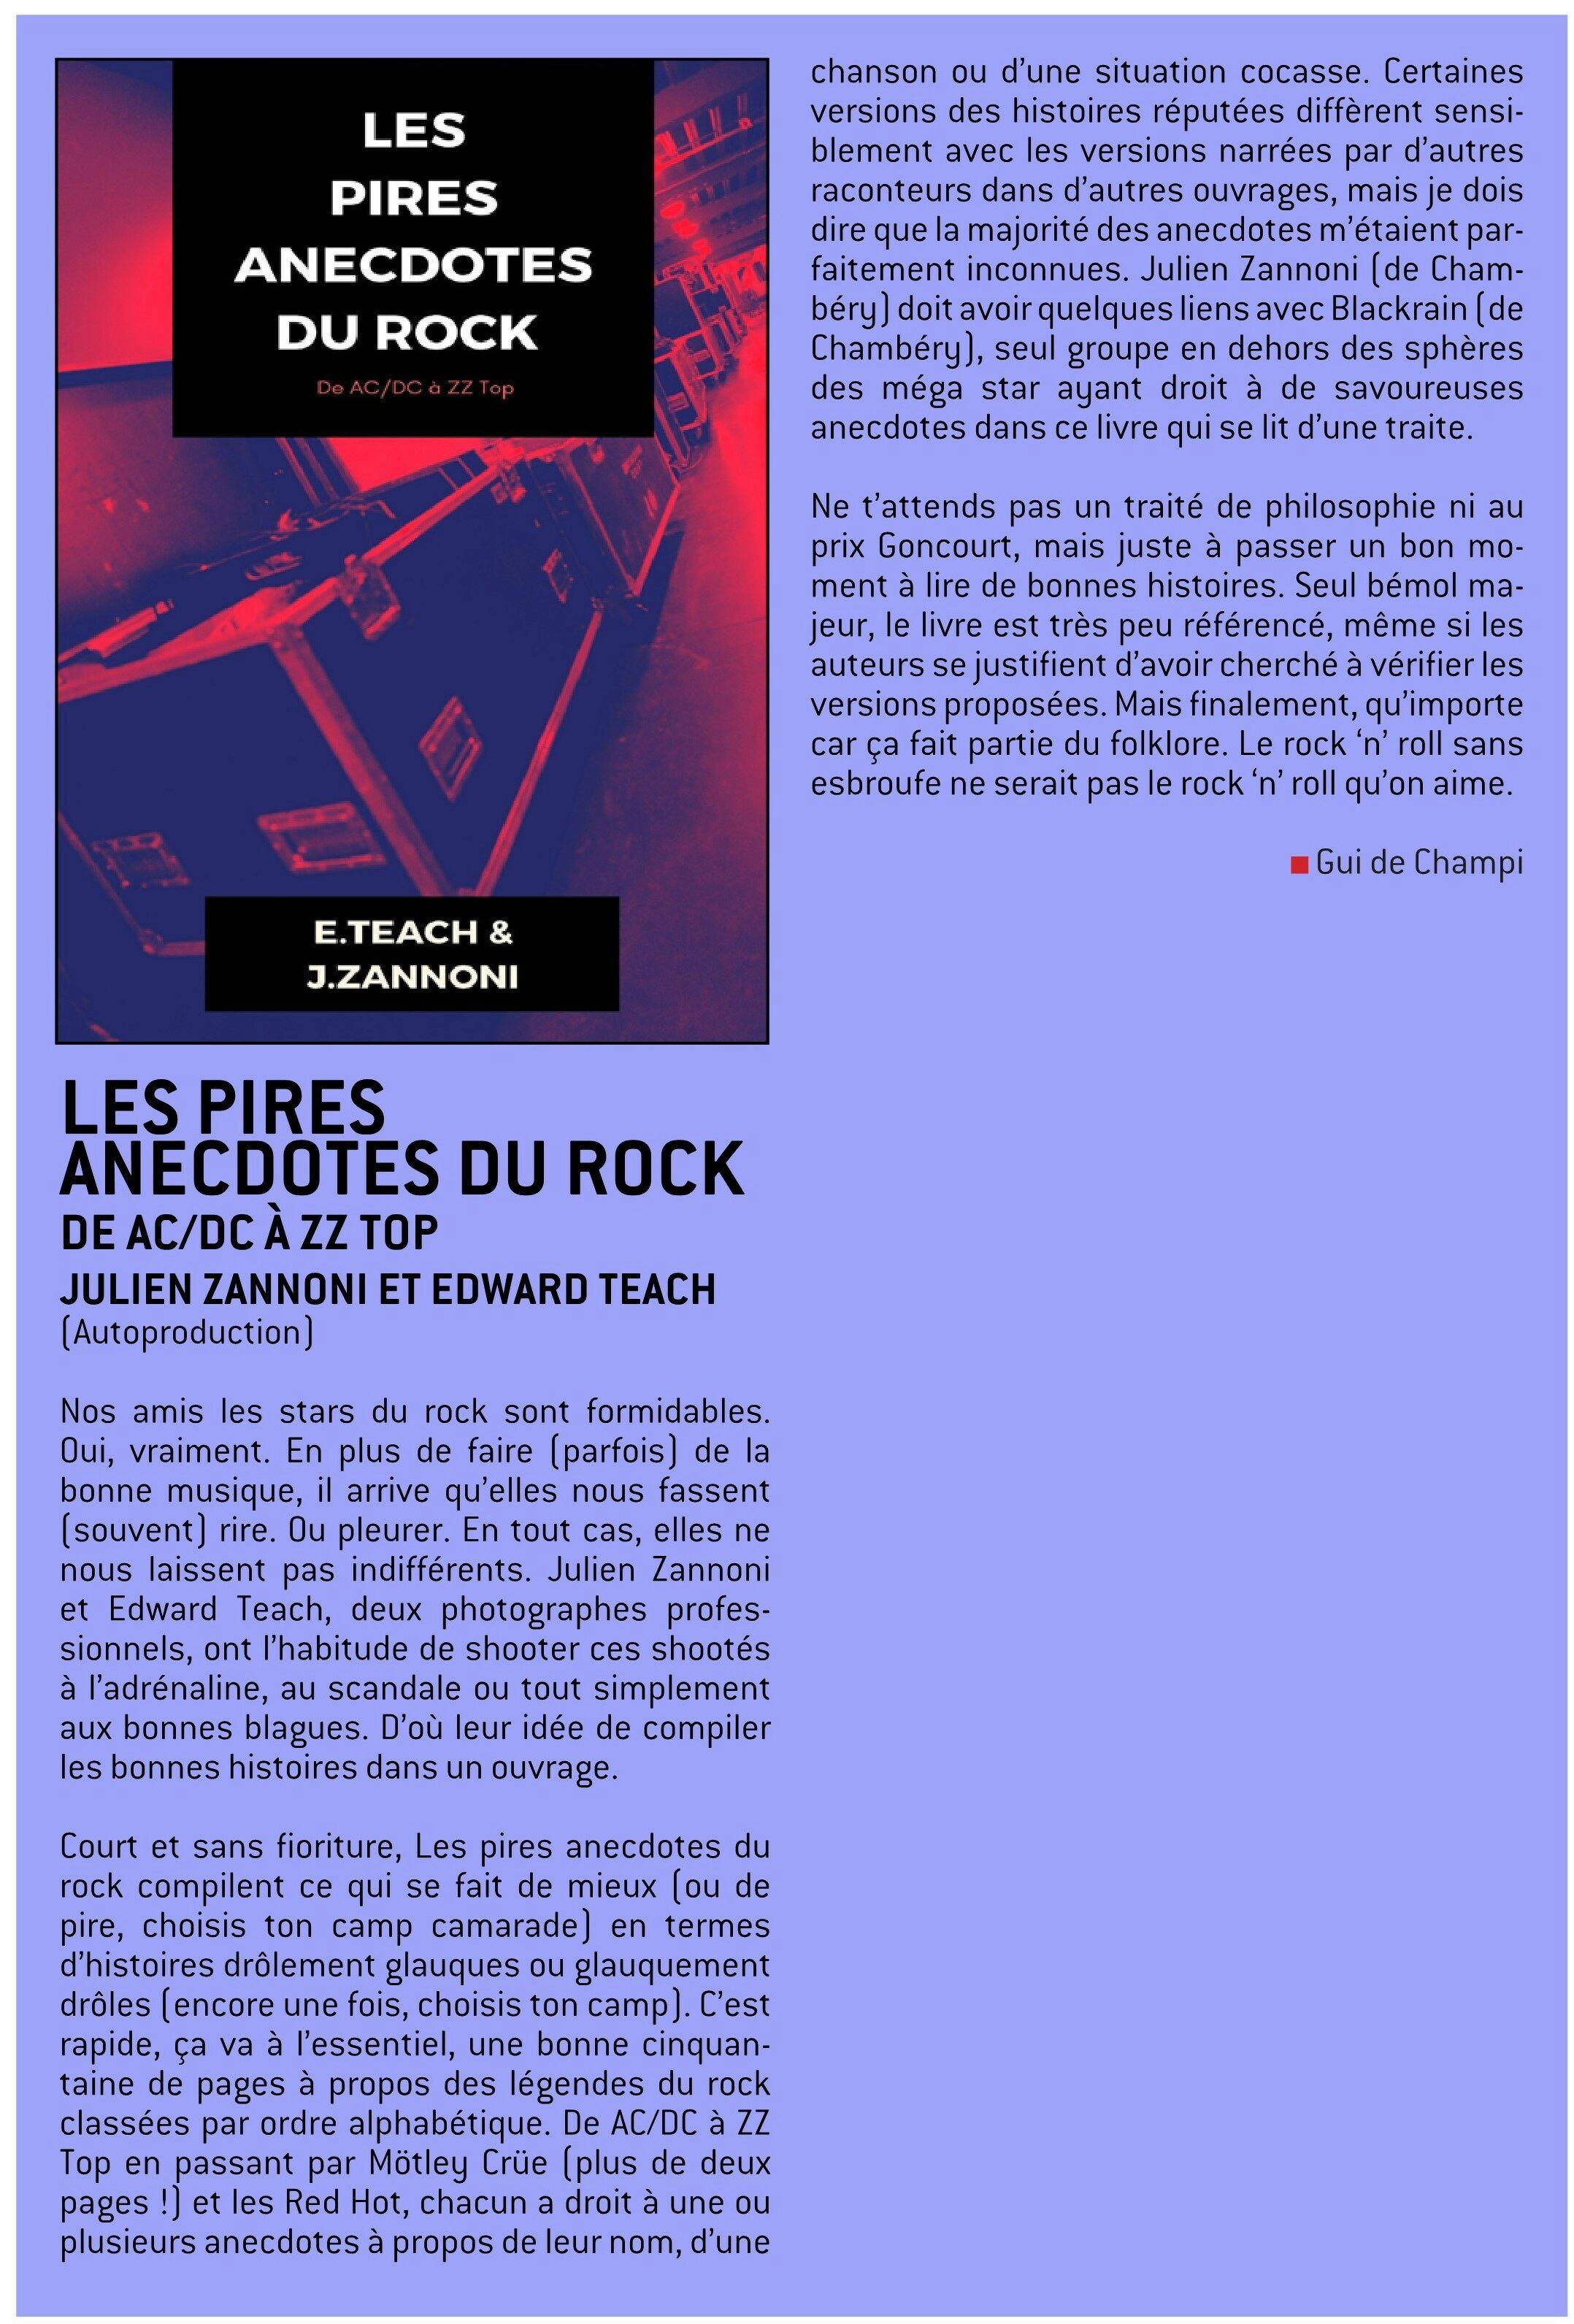 LES PIRES ANECDOTES DU ROCK Julien Zannoni et Edward Teach (2020) Livre  W-fene67